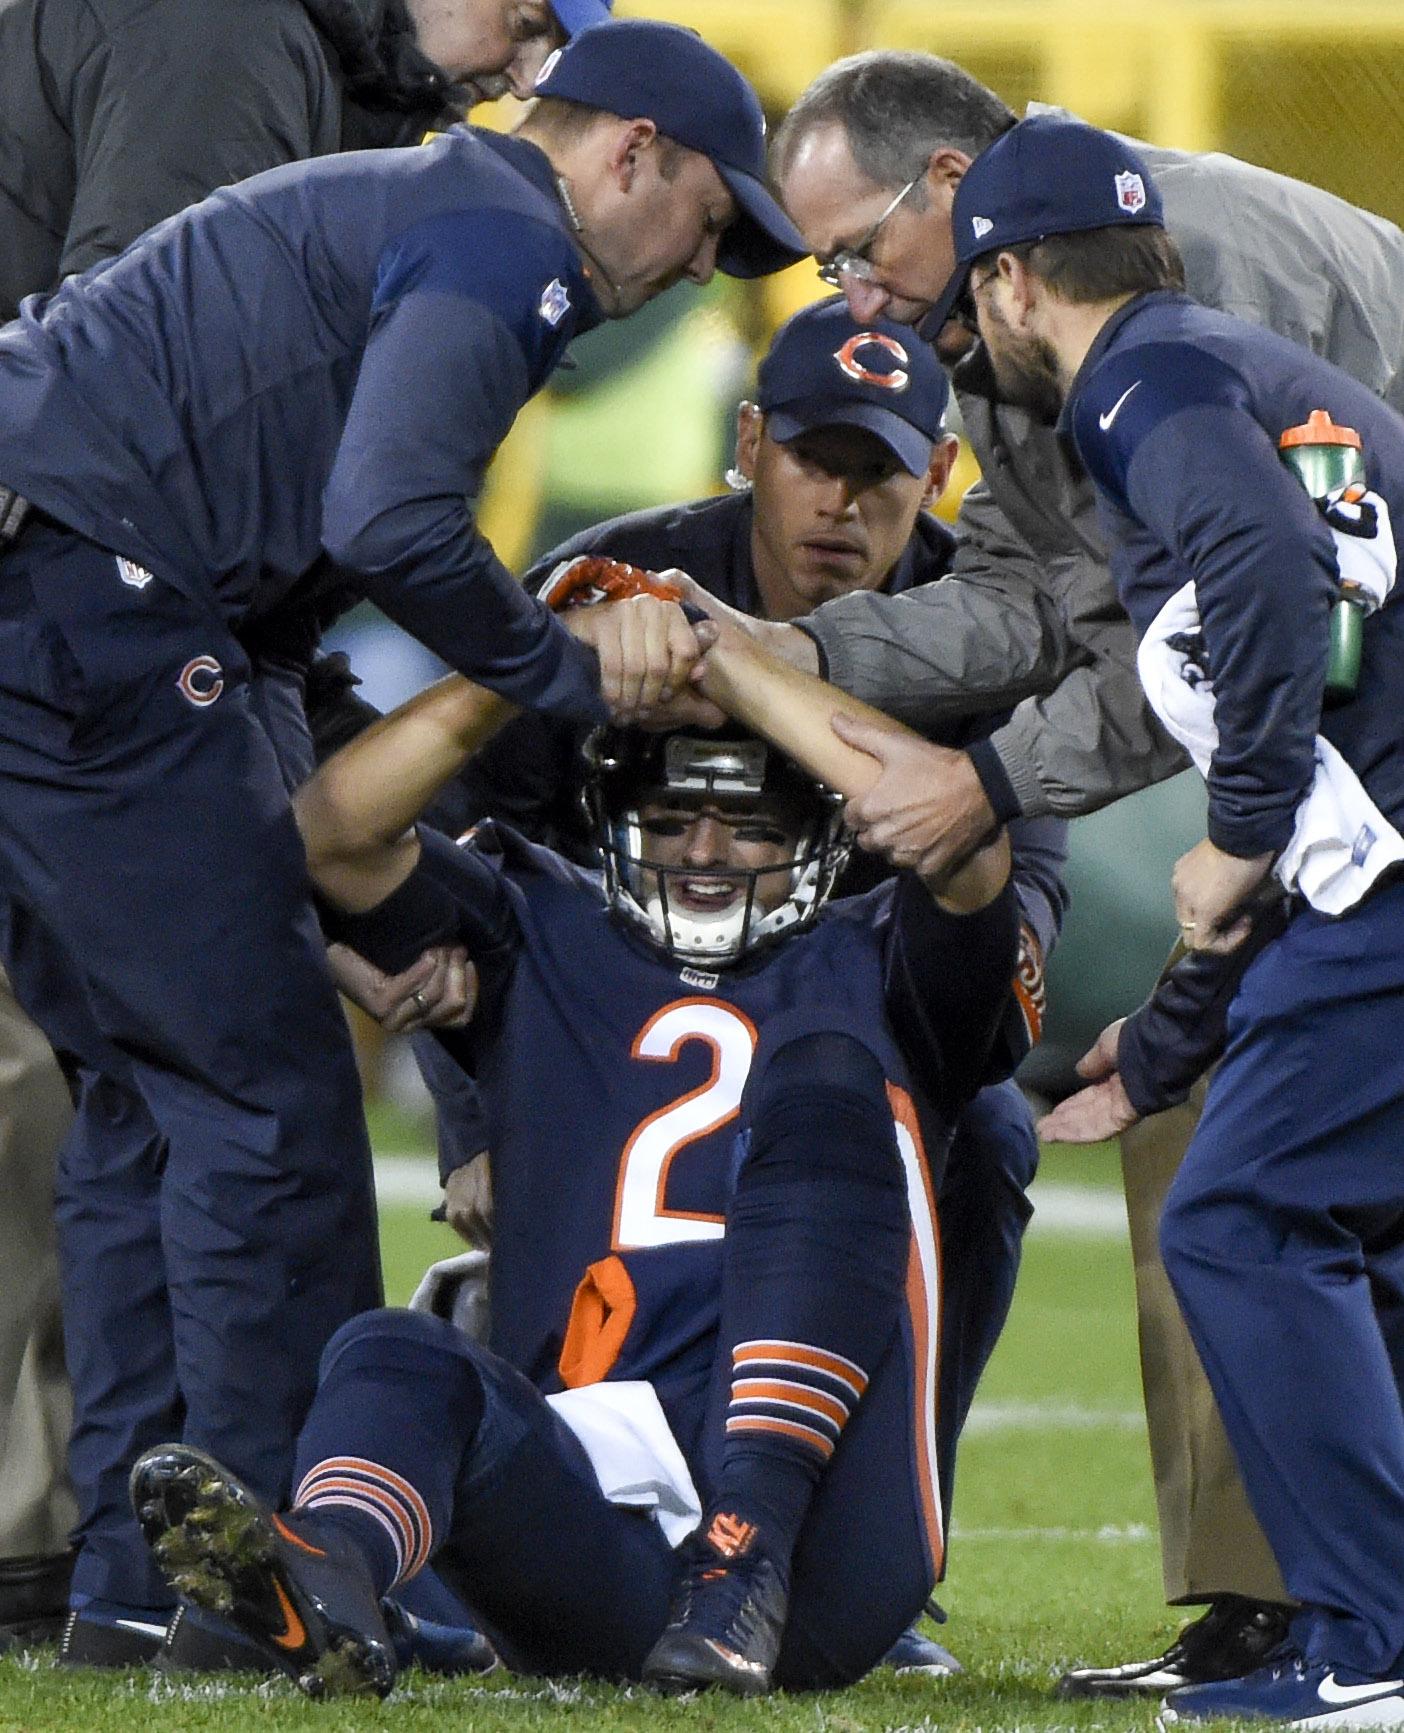 e787319df3d Bears QB Brian Hoyer To Undergo Surgery